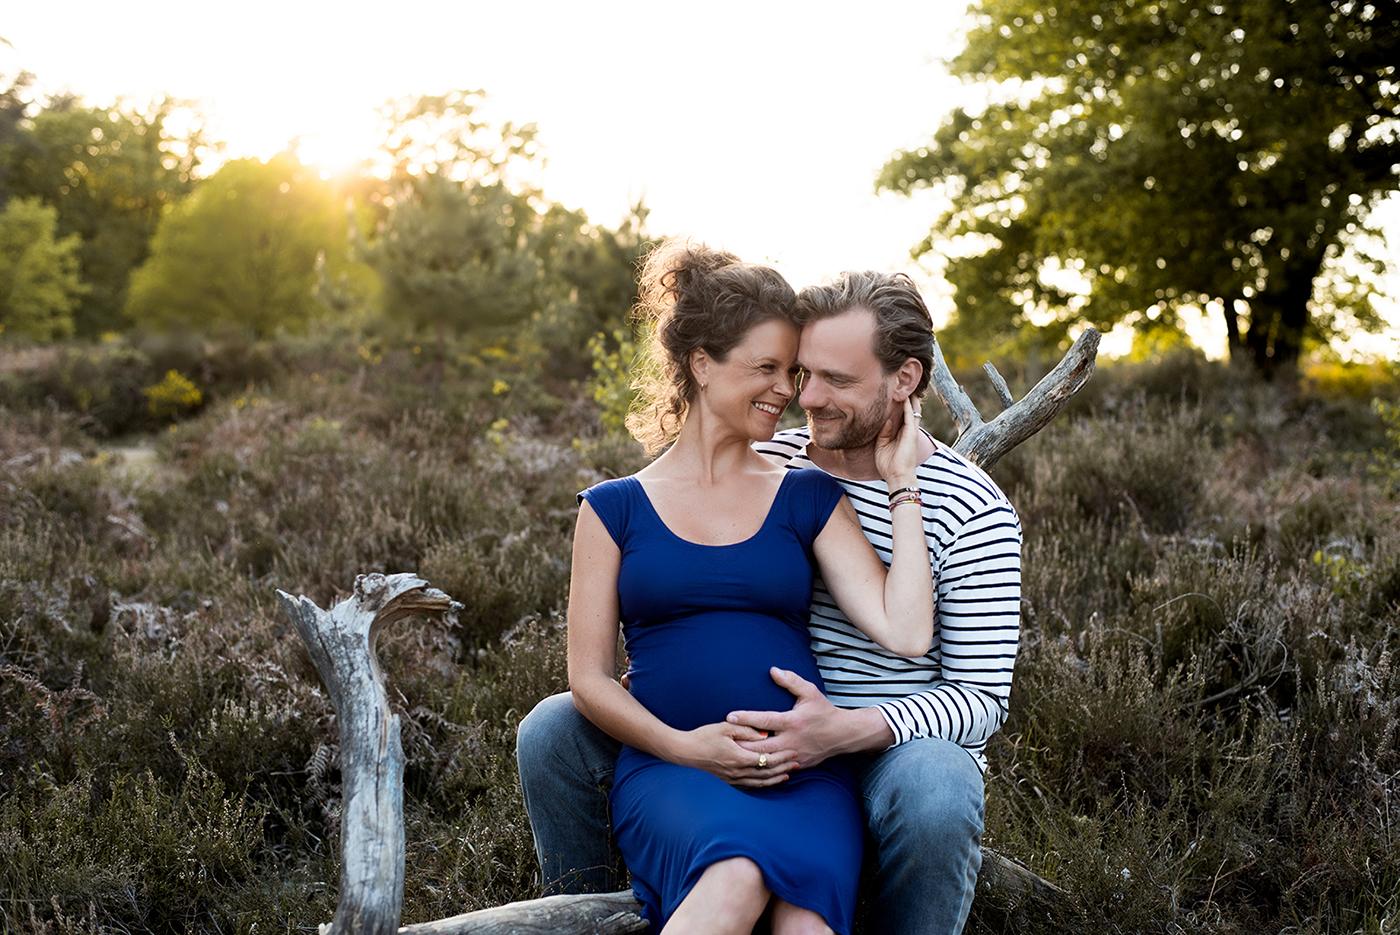 Als Fotografin biete ich Babybauchshootings als auch Paarshootings oder Familienshootings in Koeln und NRW an.